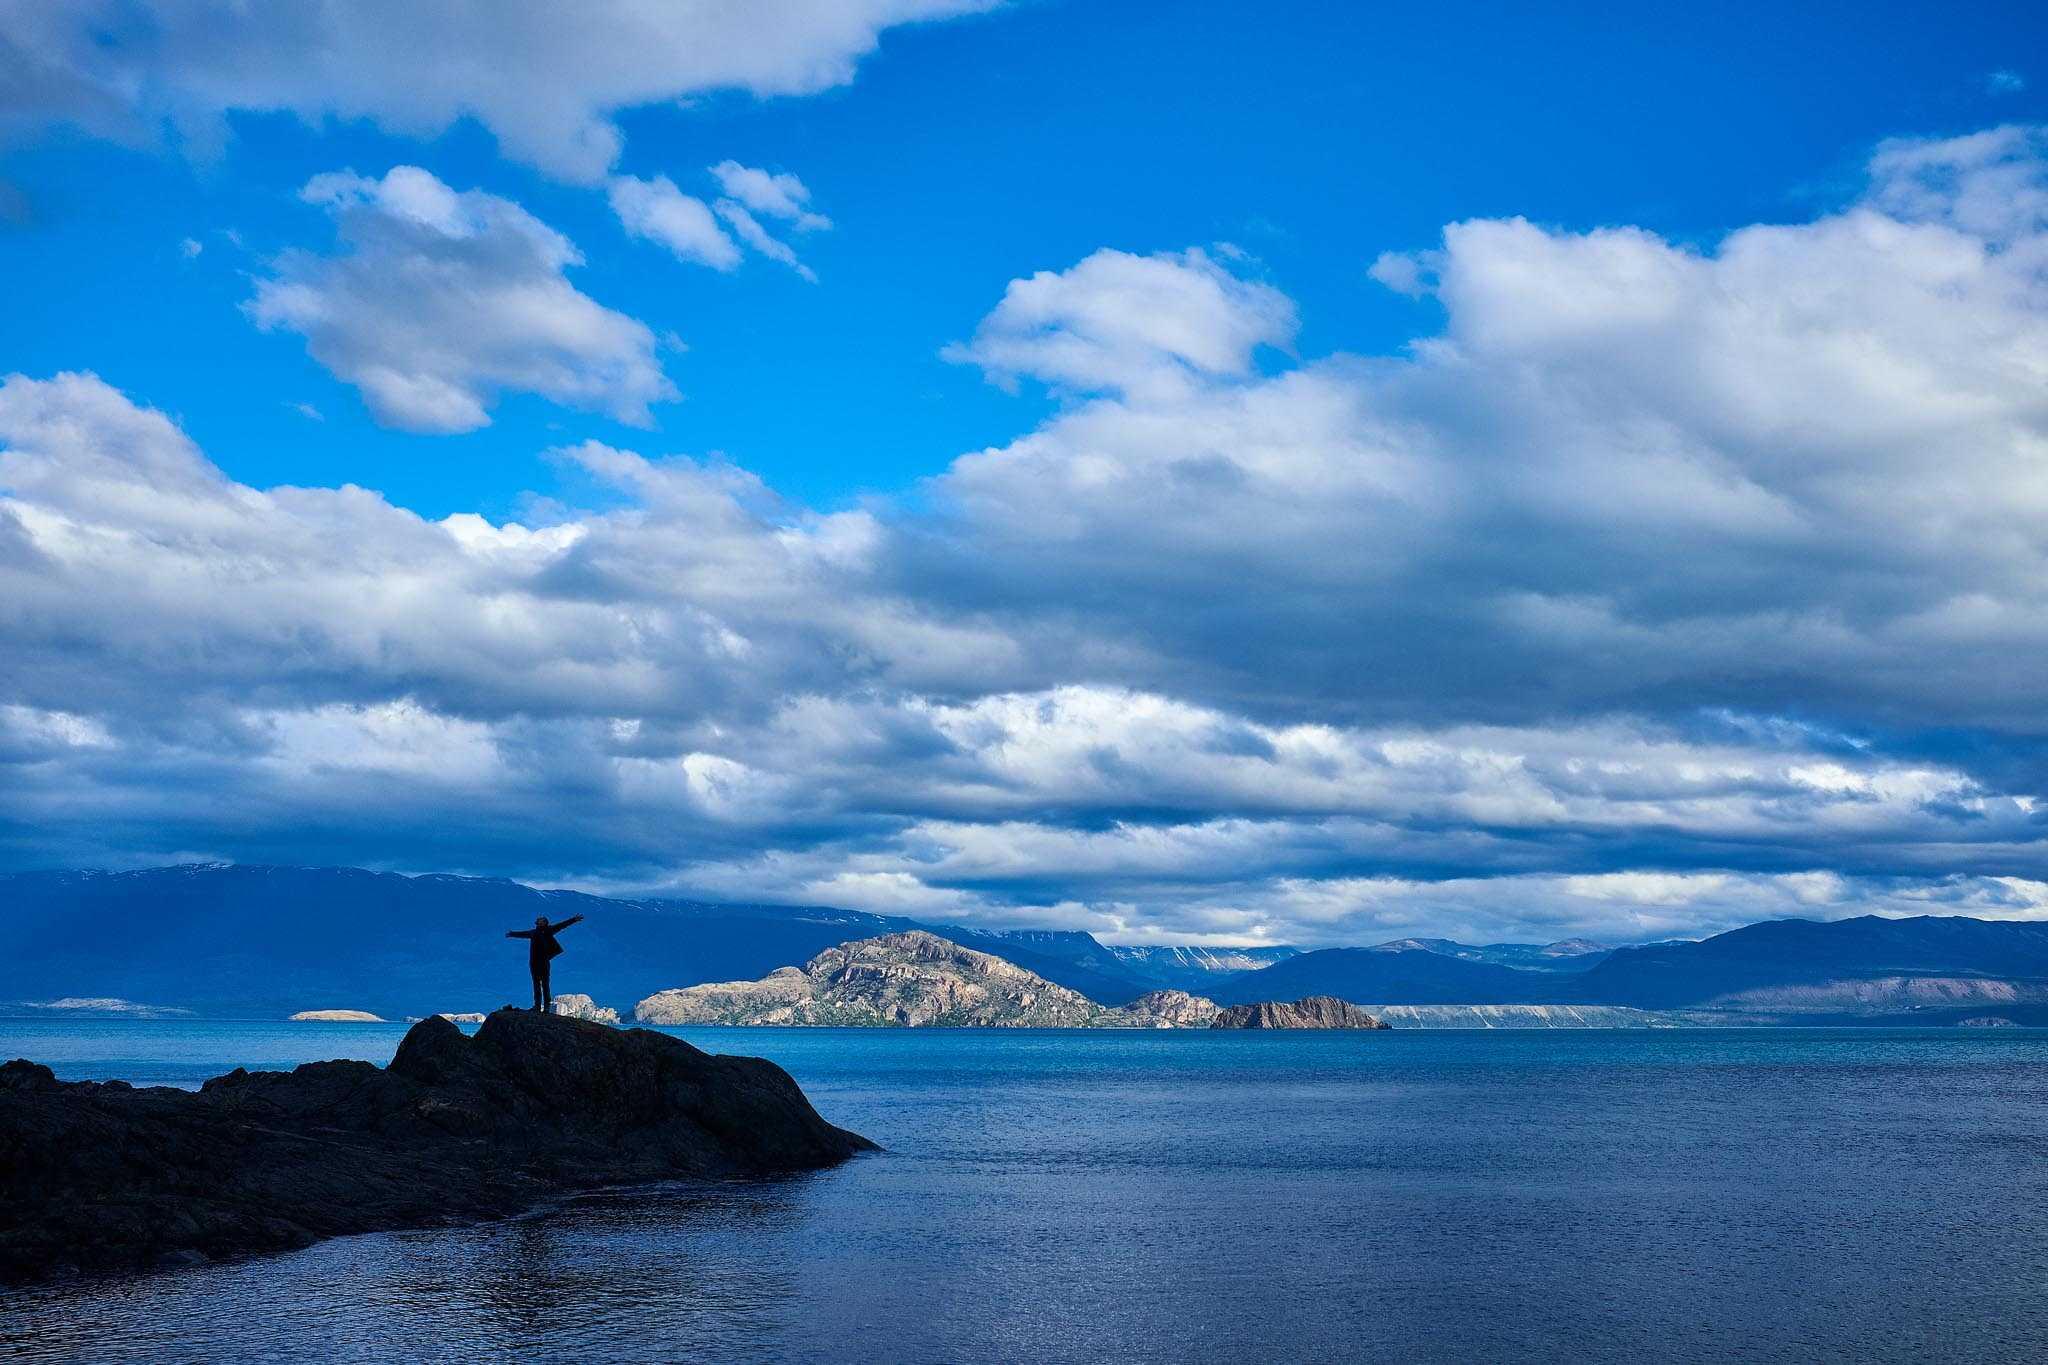 lago general carrera_chile